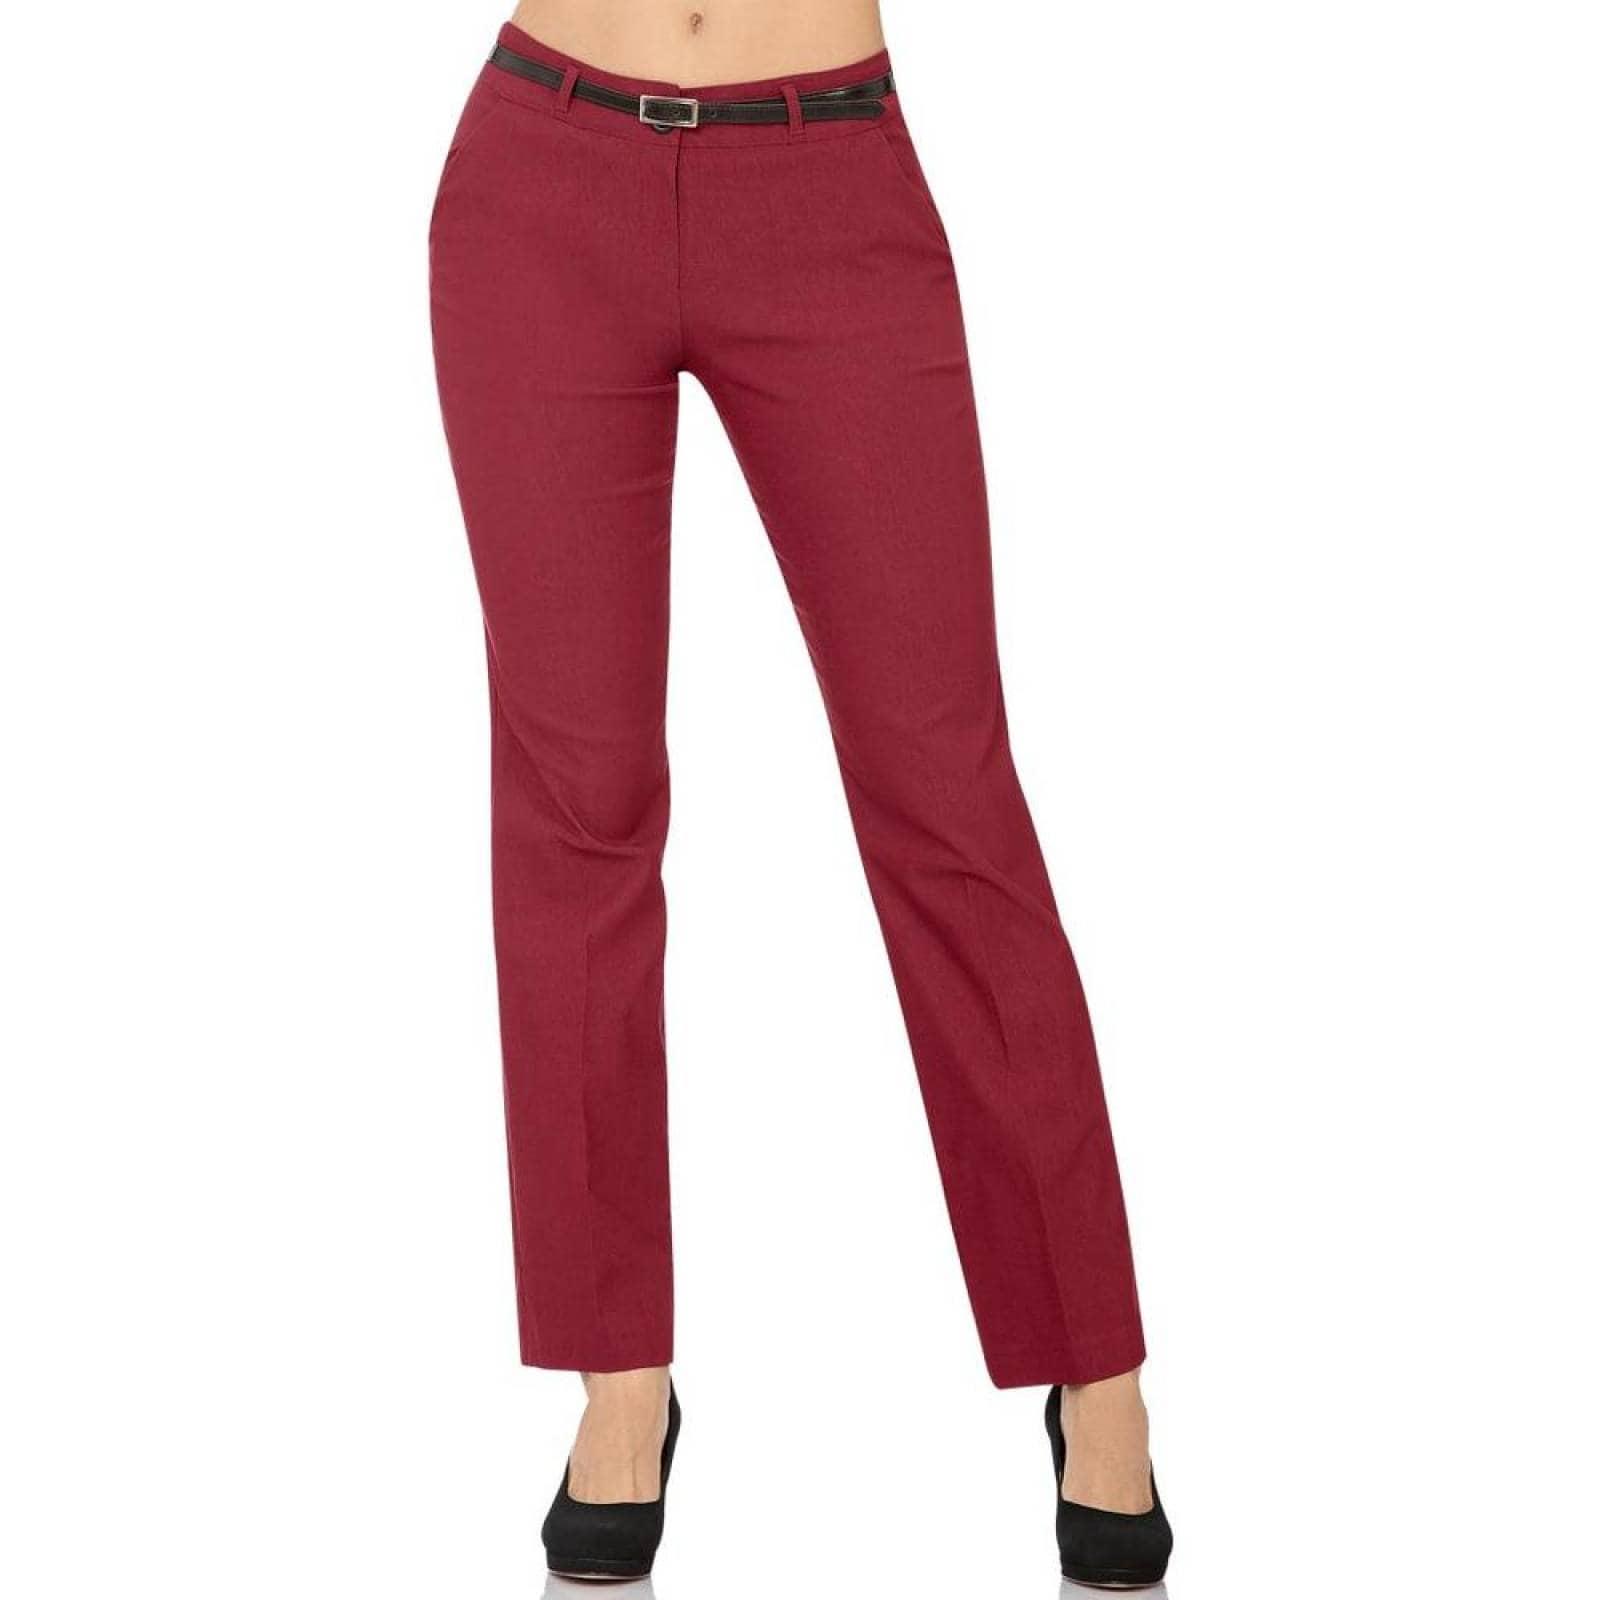 Pantalon De Vestir Barbary Mujer Vino Spandex J-987